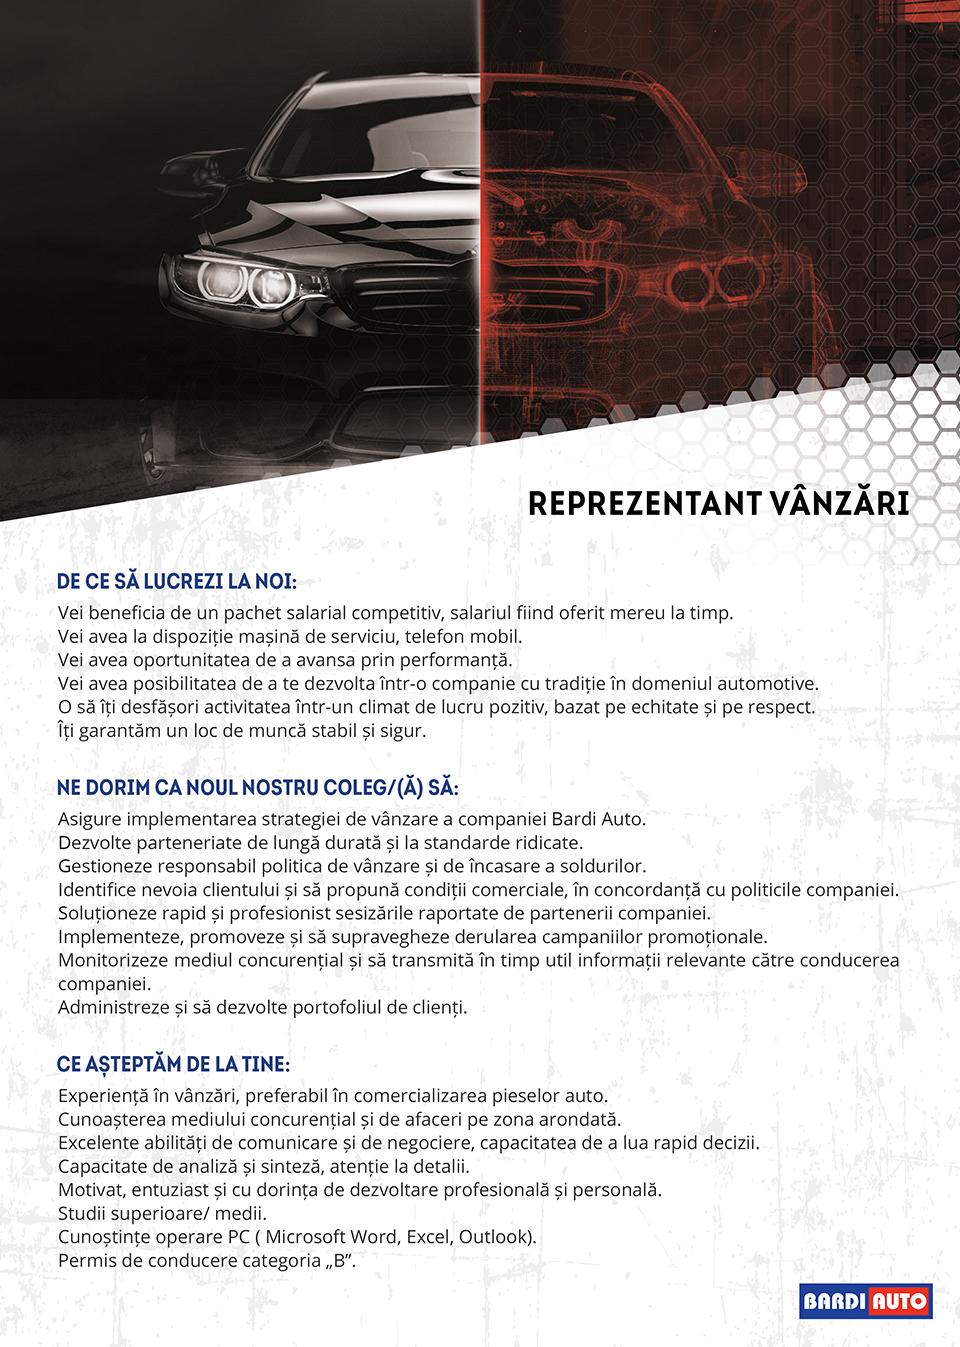 Cu un istoric de peste o sută de ani în industria auto, Bardi Auto reprezintă încredere și calitate superioară. Oferta noastră variată de soluții, calitatea serviciilor prestate și echipa de specialiști au făcut posibil ca astăzi să fim un jucător important în segmentul de piese auto. Datorită ascensiunii înregistrate de companie, rețeaua noastră comercială și numărul angajaților crește sistematic (+800 de salariați și 47 de reprezentanțe Bardi Auto în România). Considerăm că asigurarea serviciilor la cele mai înalte standarde se poate realiza doar cu oameni calificați, motiv pentru care prioritatea noastră este de a oferi fiecărui coleg un mediu de lucru plăcut, siguranța și stabilitatea locului de muncă, motivare financiară și dezvoltare pe plan profesional și personal.Pentru mai multe informații puteți vizita pagina noastră de cariere: https://bardiauto.portalcariera.ro